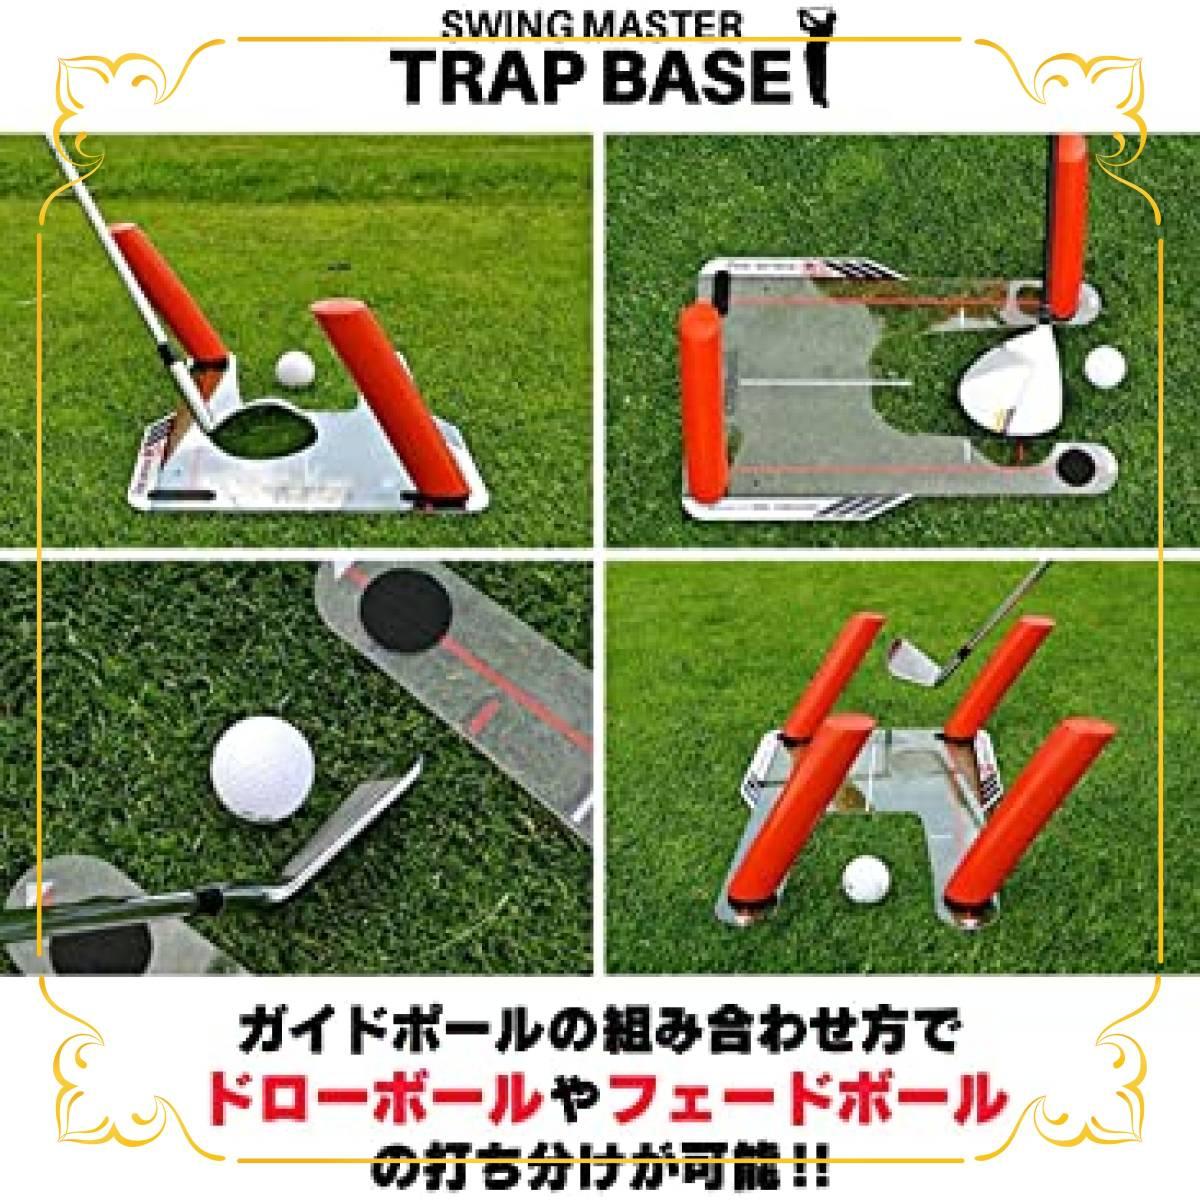 ゴルフ スイング練習機 スイング練習器具 スピードトラップベース パッティング 矯正_画像6